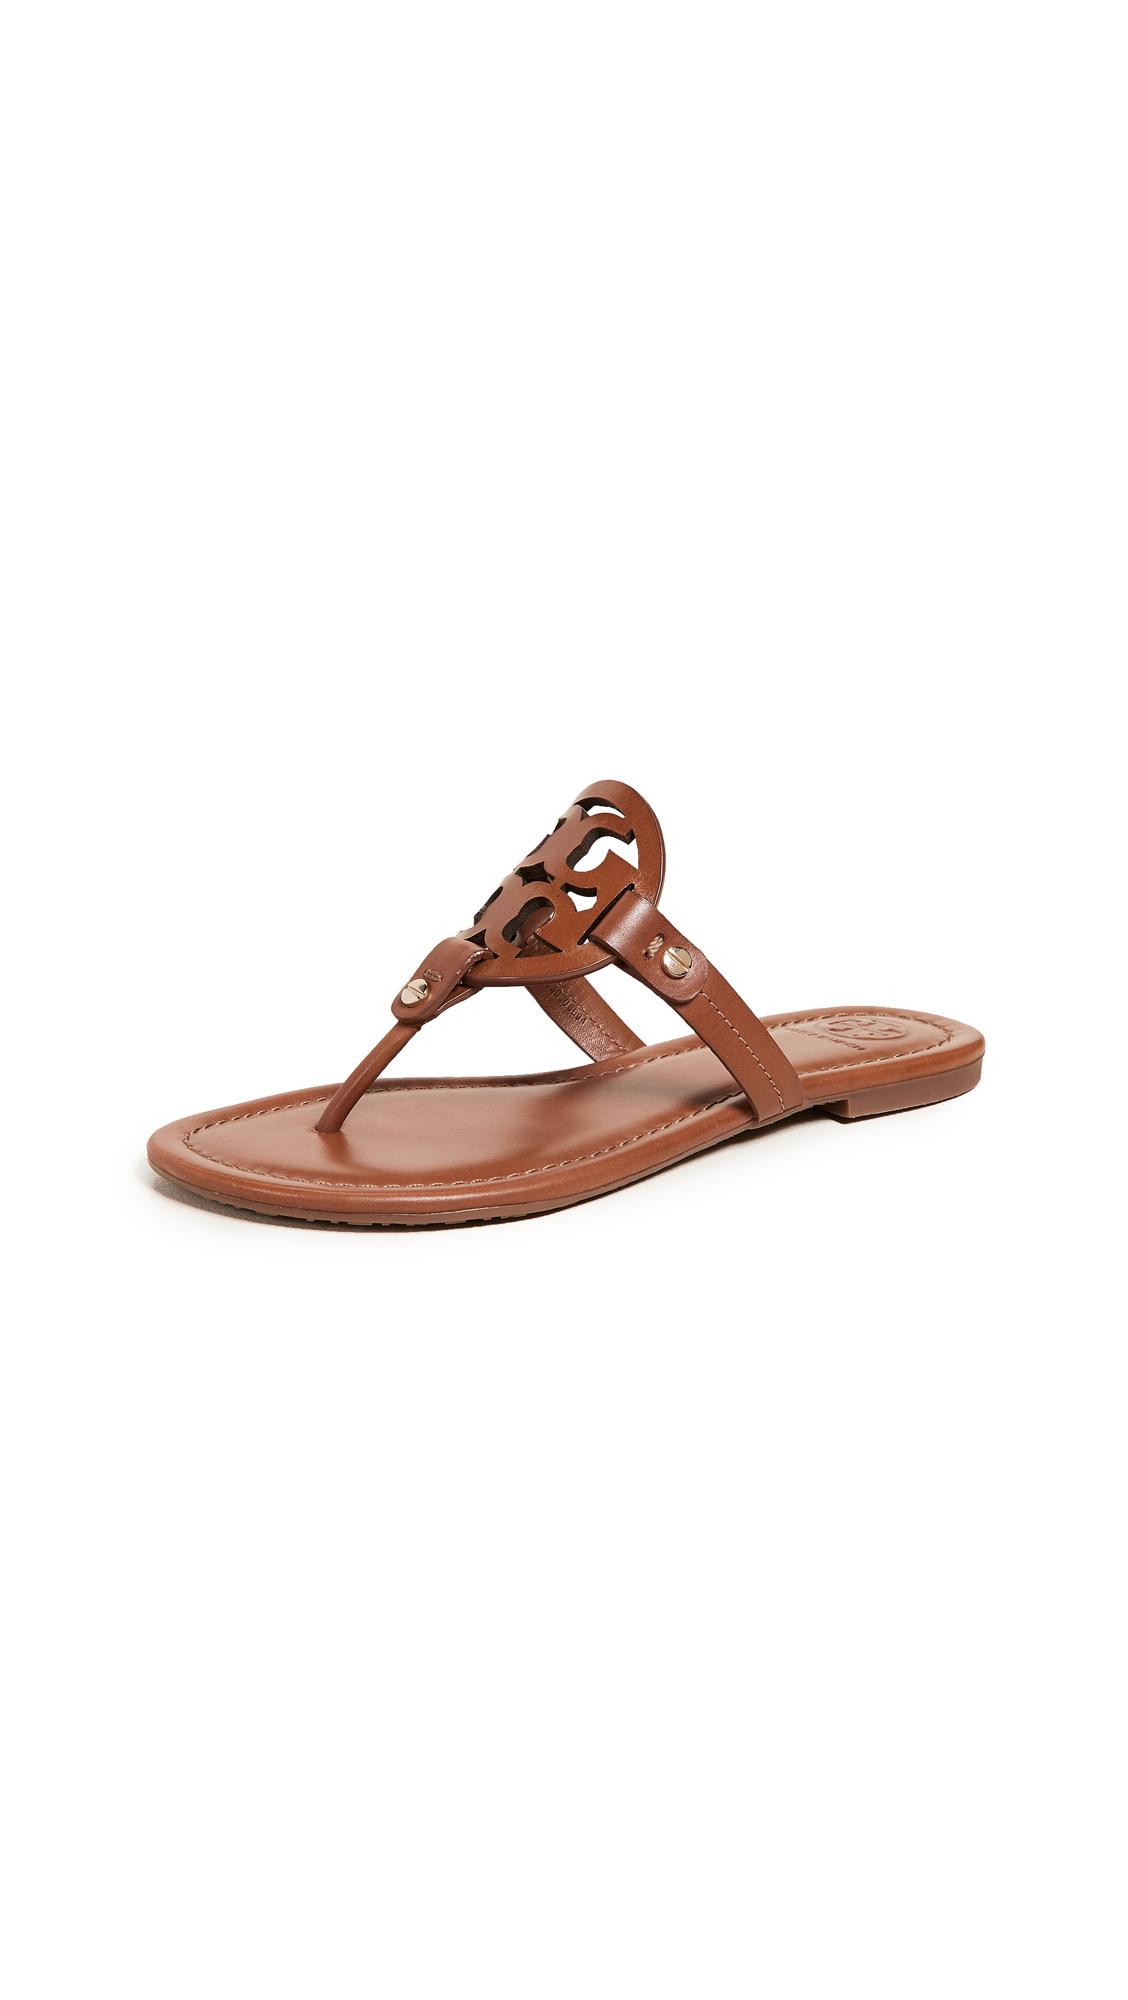 Tory Burch Miller Flip Flops - Tan